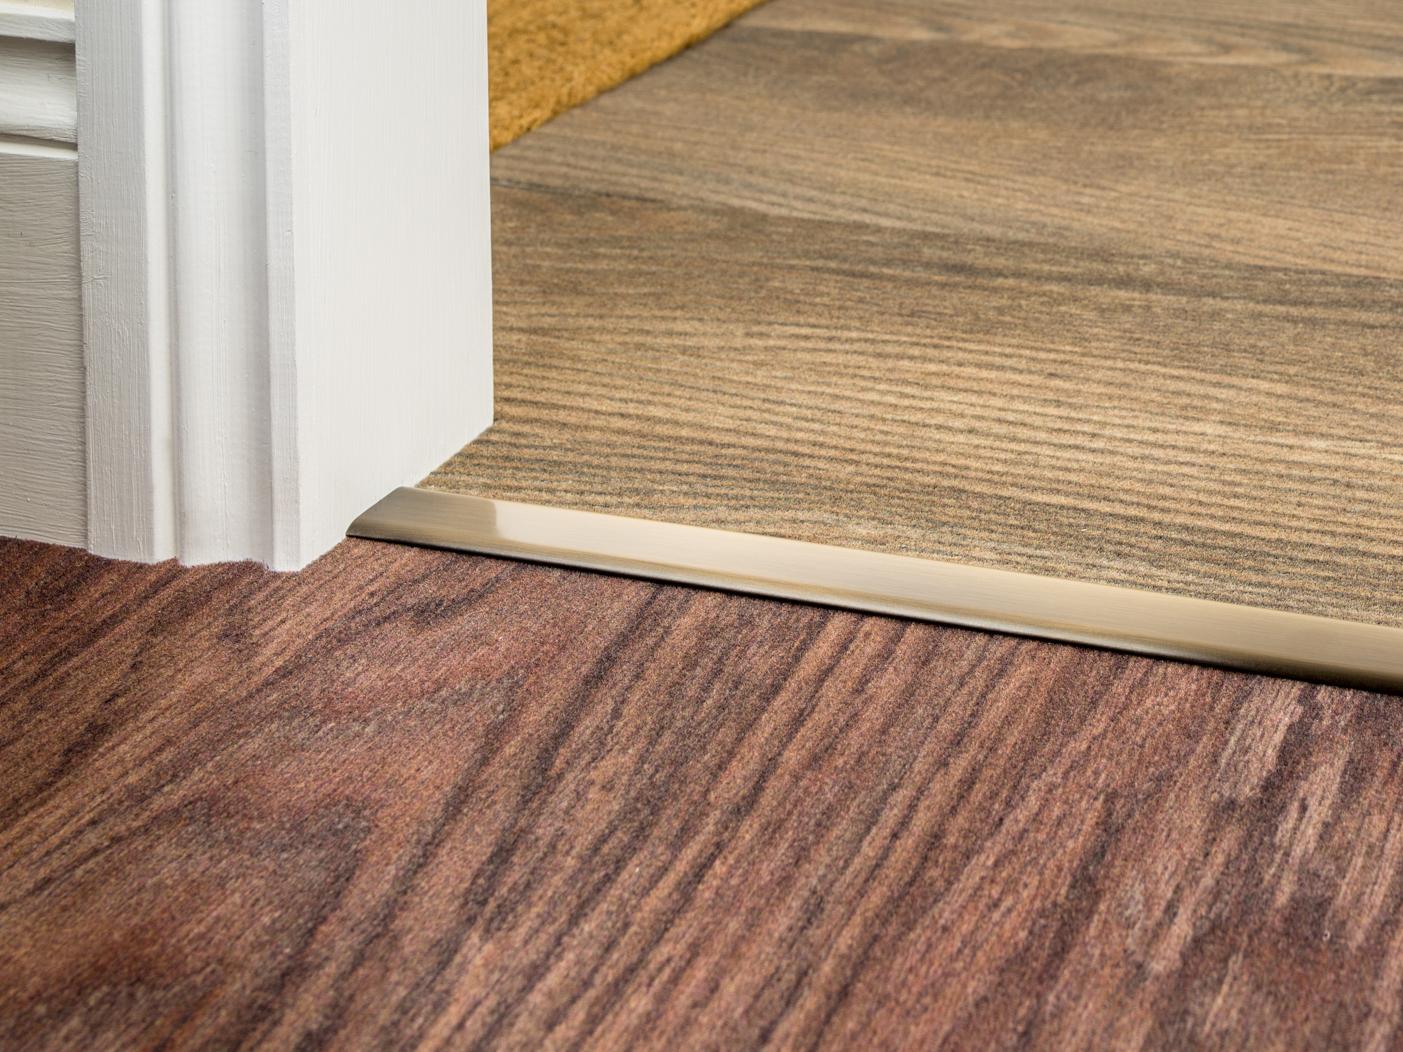 stairrods-antique-doublez4-CTC.jpg